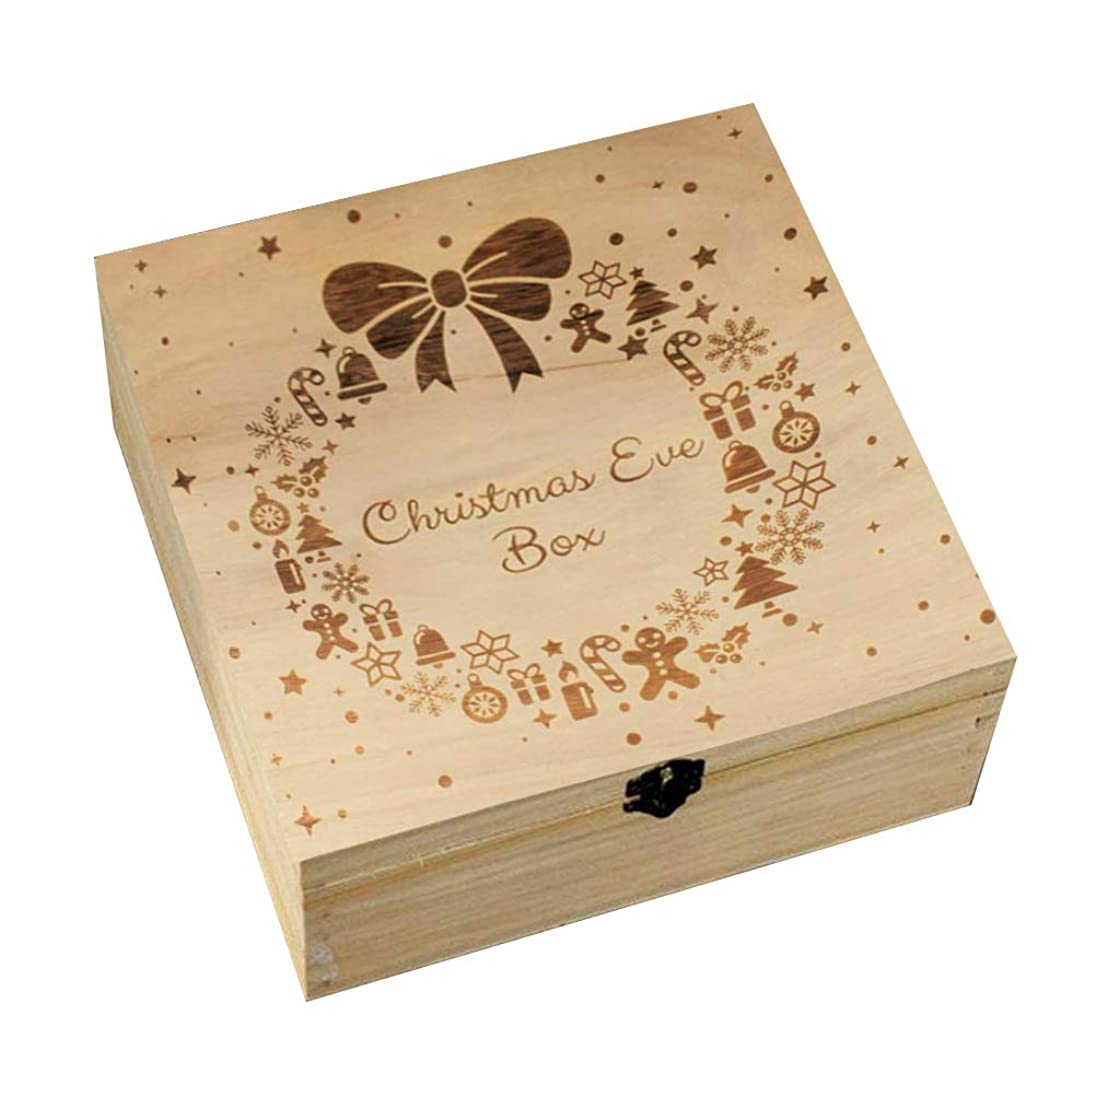 真珠のような確かめる電話に出るクリスマスイブボックス木製彫刻ギフトクリスマス子供ギフトクリスマスリーススノーフレークホームデコレーションガーランドワンサイズ